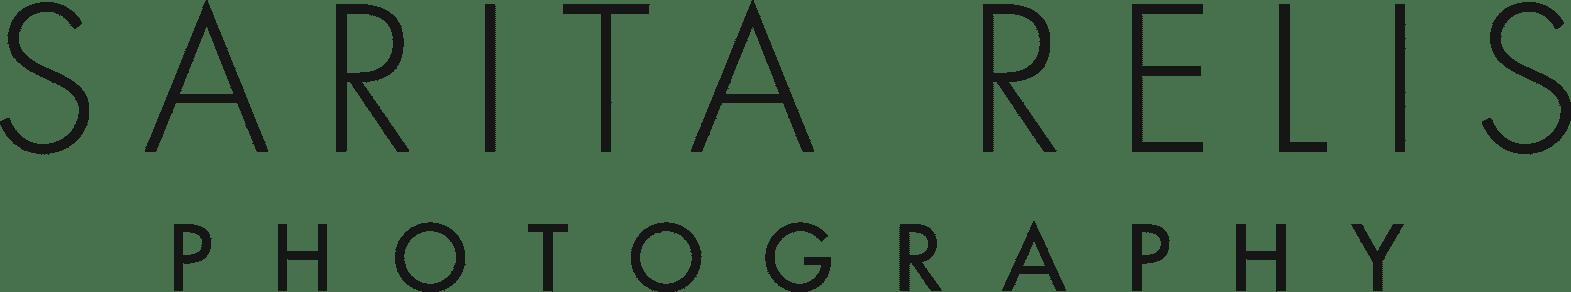 SaritaRelisPhotography-Logo